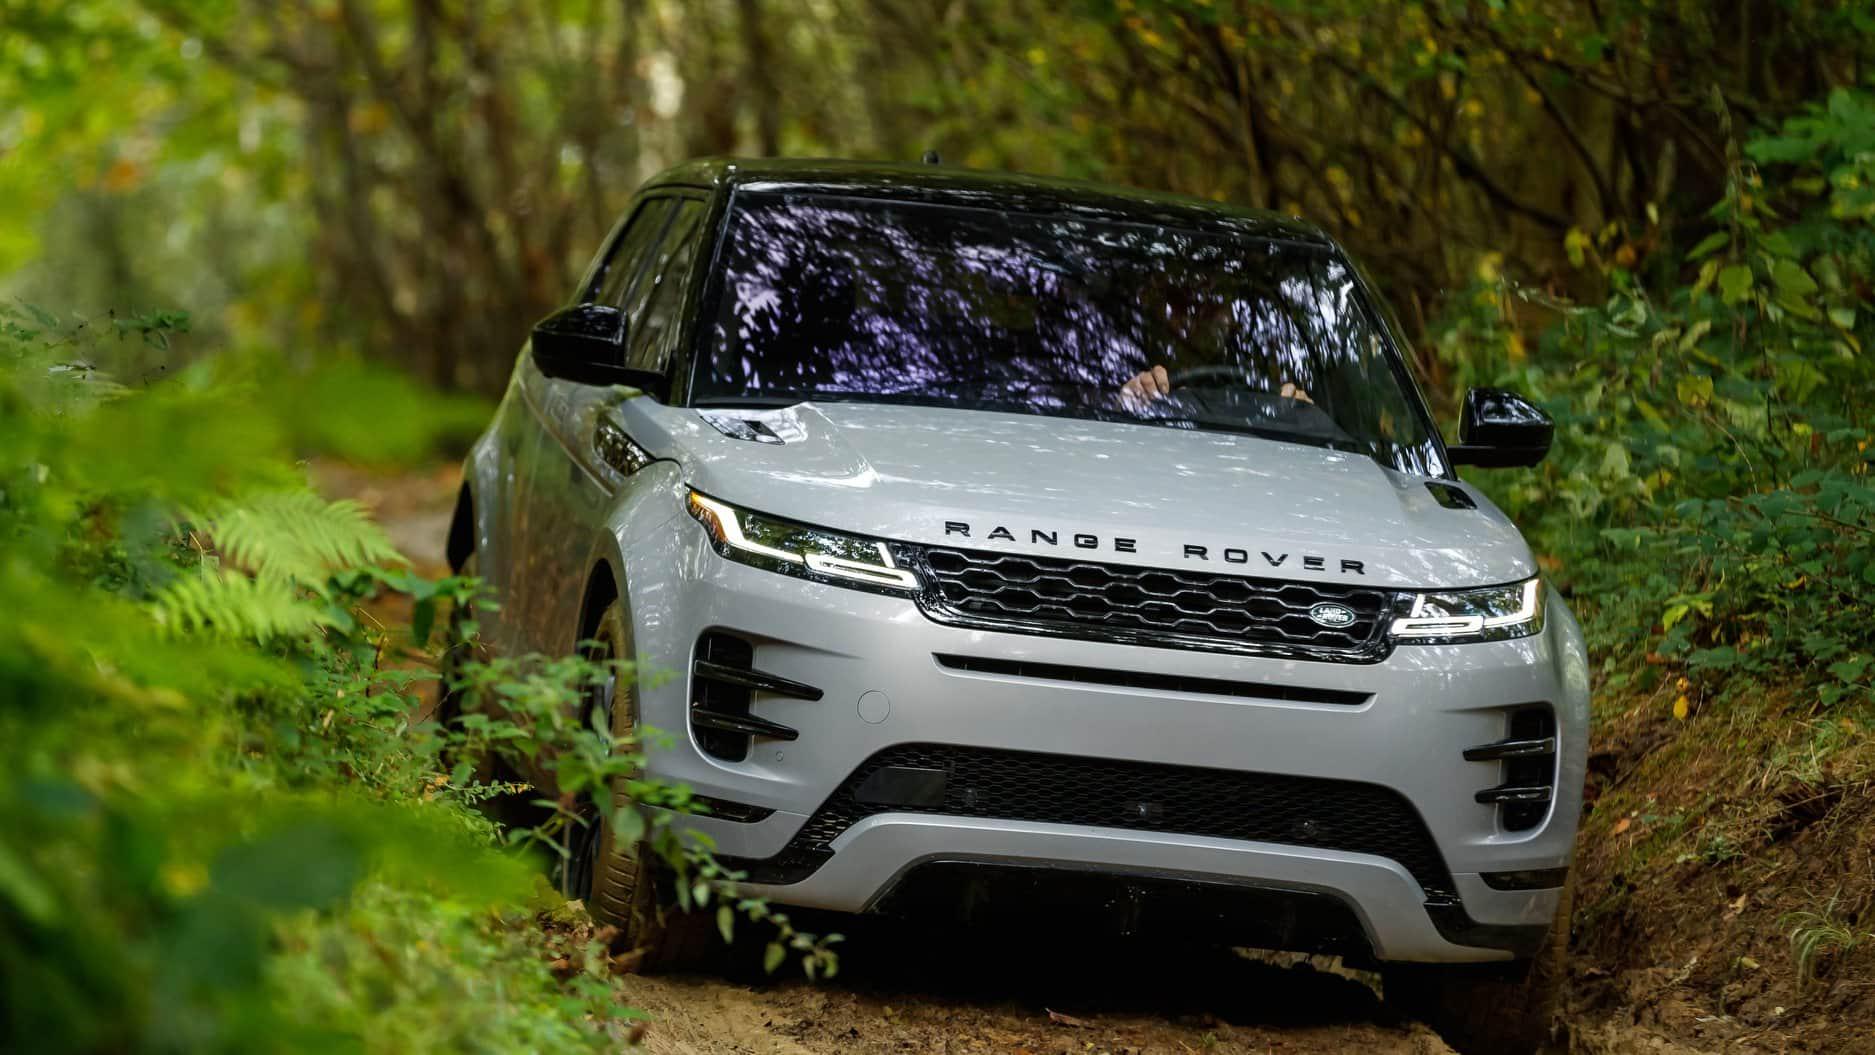 Range Rover Evoque 2020, segunda generación